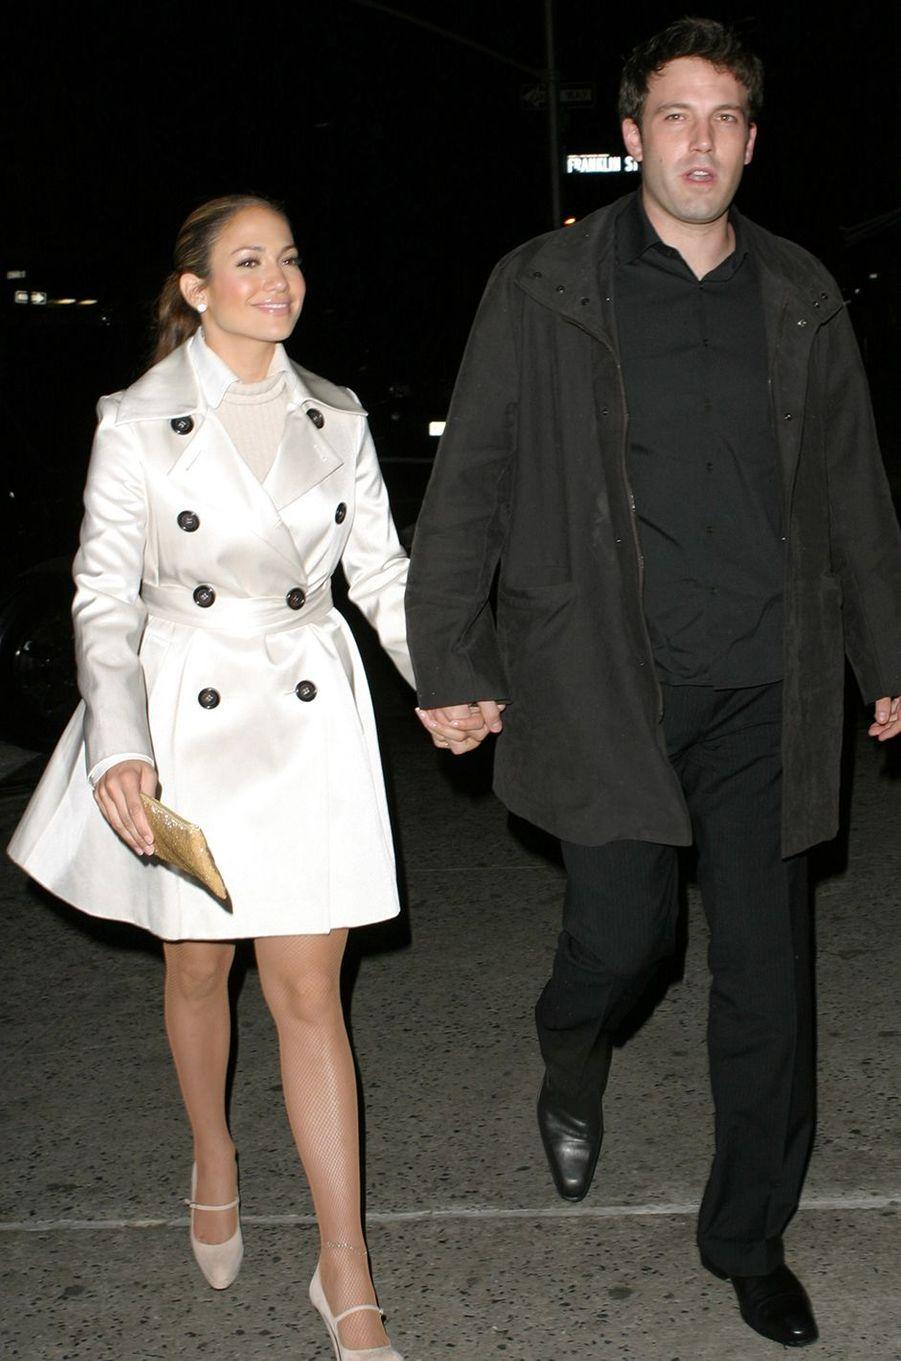 Jennifer Lopez et Ben Affleck à New York en octobre 2003.Les deux acteurs ont vécu une idylle très médiatisée entre 2002 et 2004.